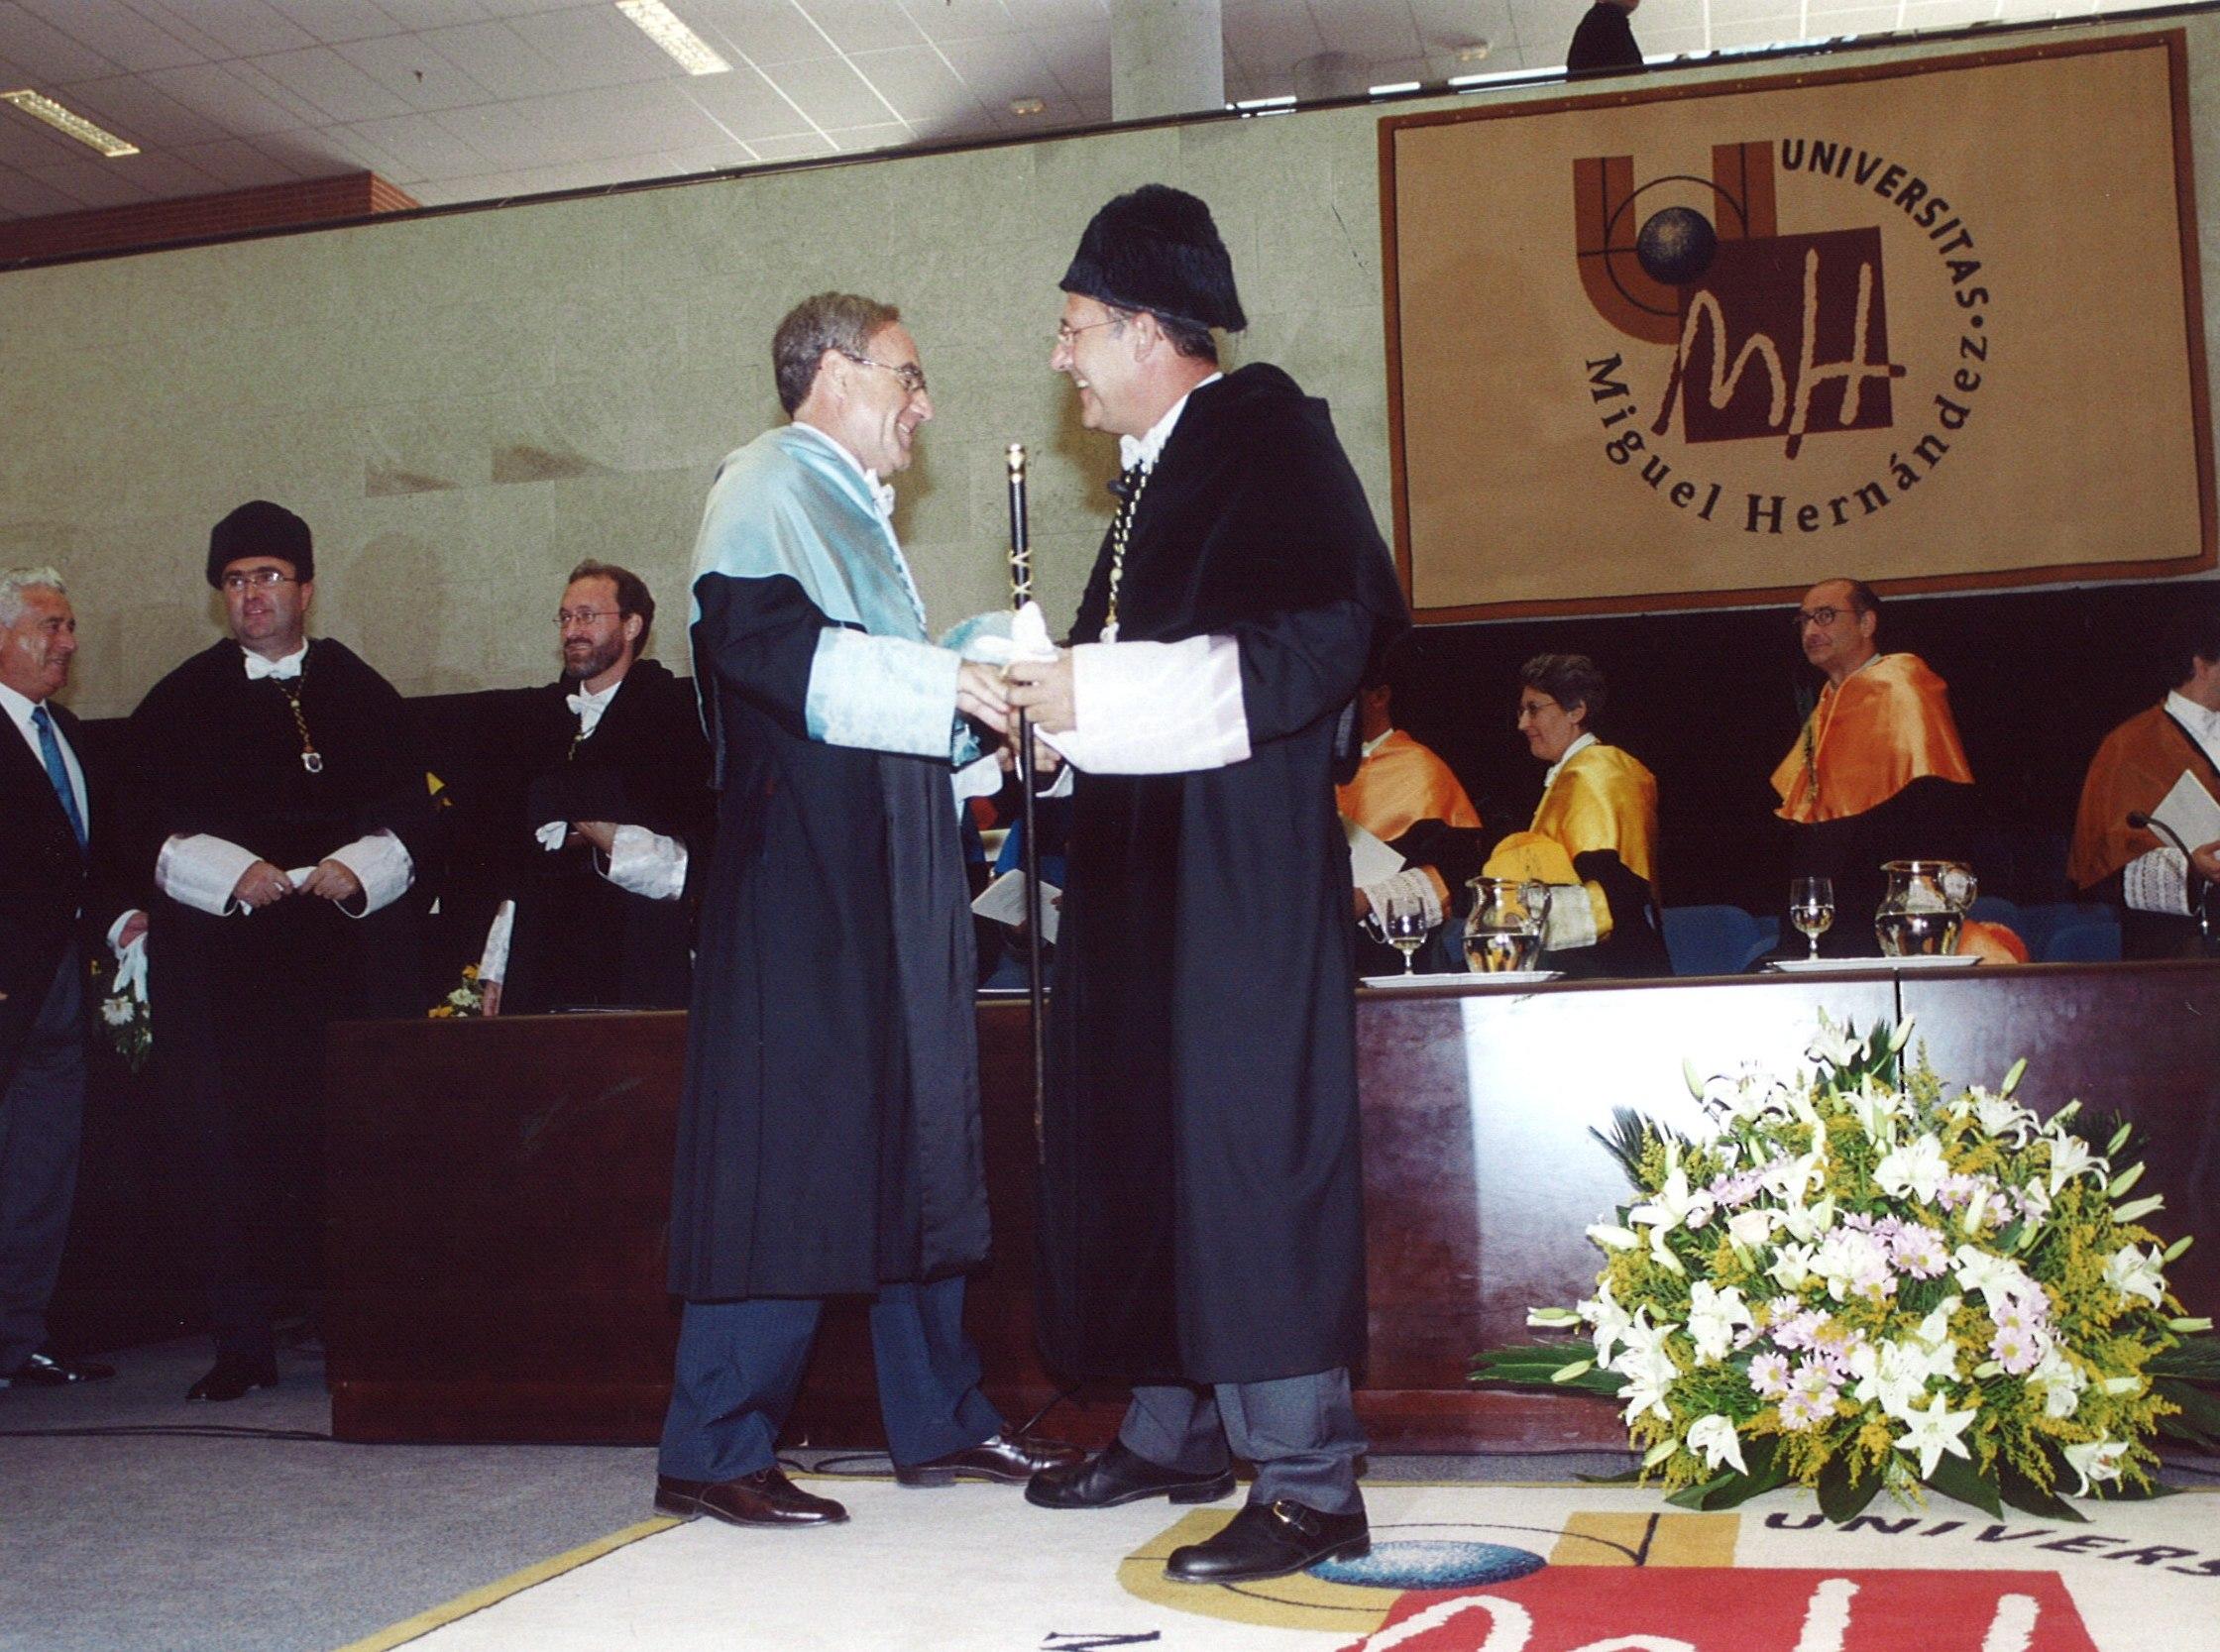 04-dhc-mayor-zaragoza.jpg